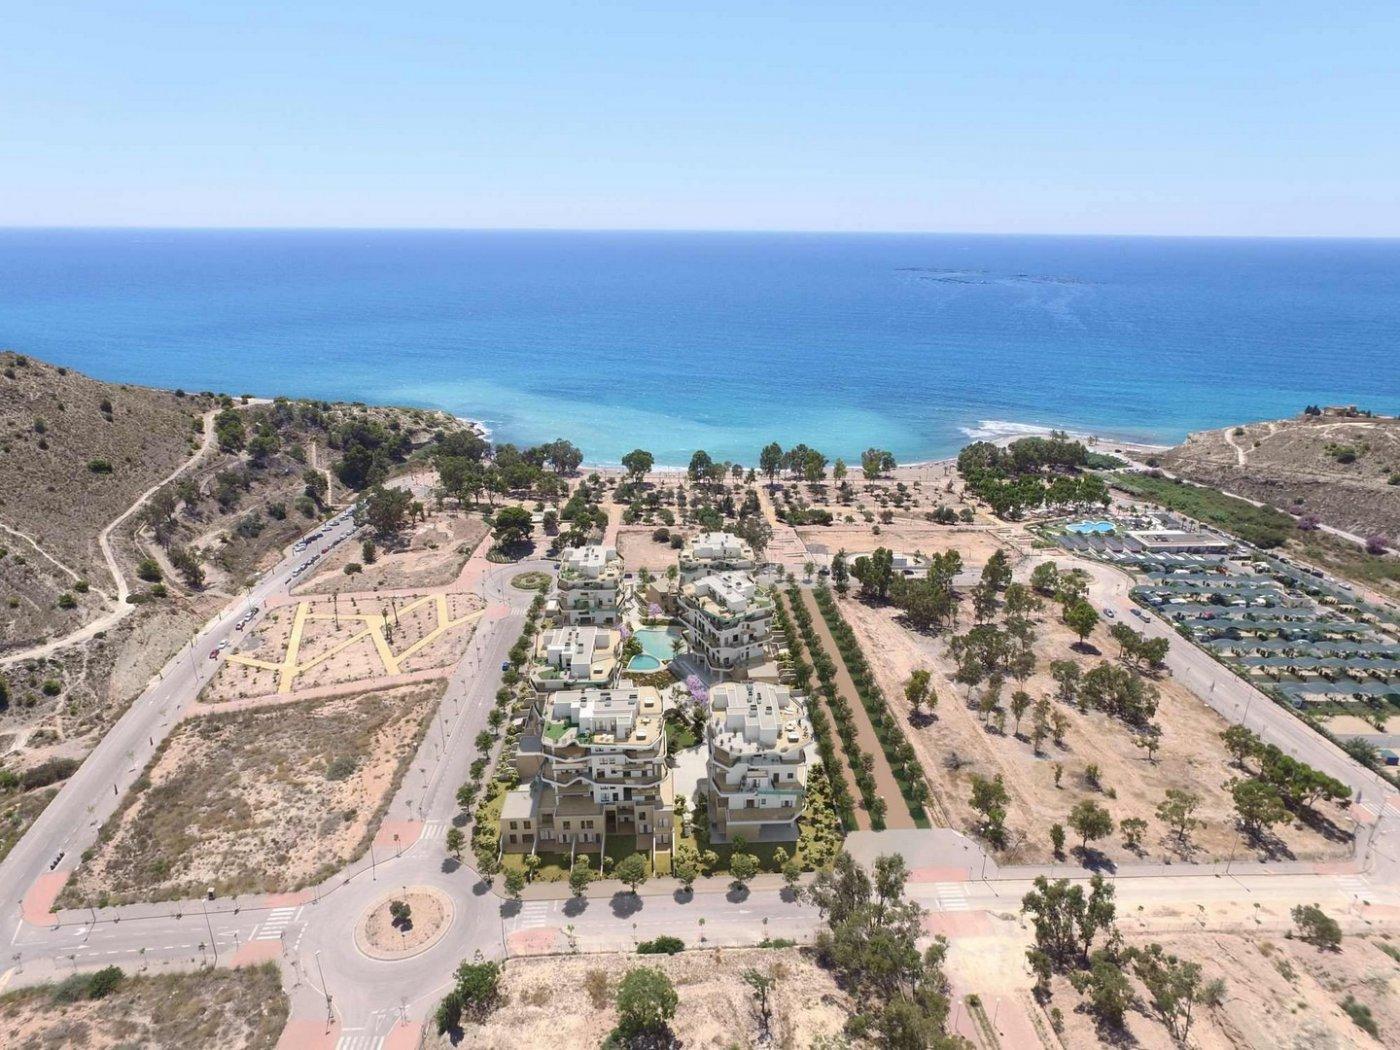 Doce exclusivas viviendas en primera línea del mar en villajoyosa - imagenInmueble11